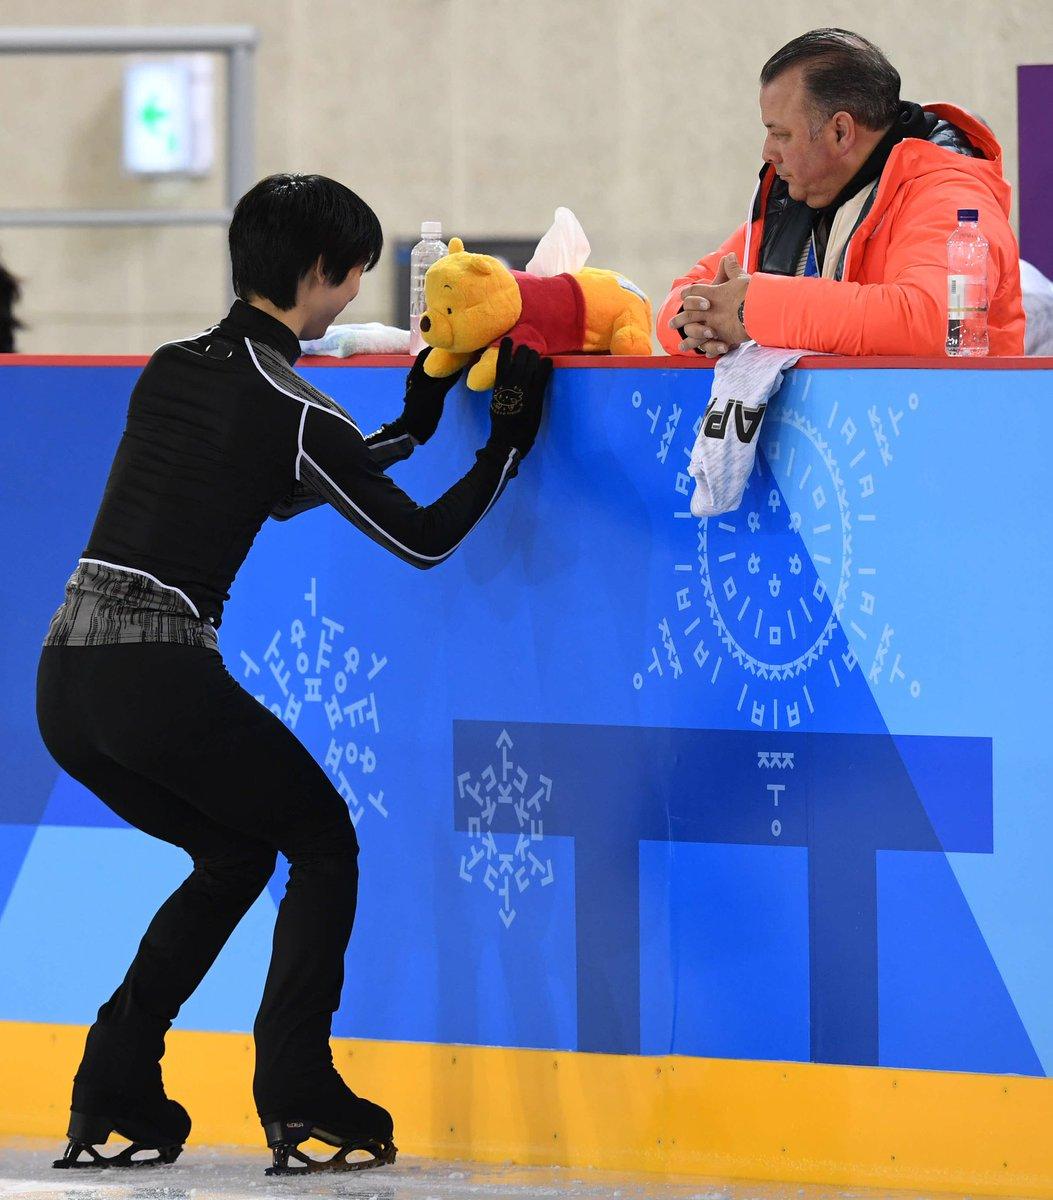 YuzuNews del 21 febbraio 2018: PyeongChang2018 – Prima practice per l'Exhibition Gala